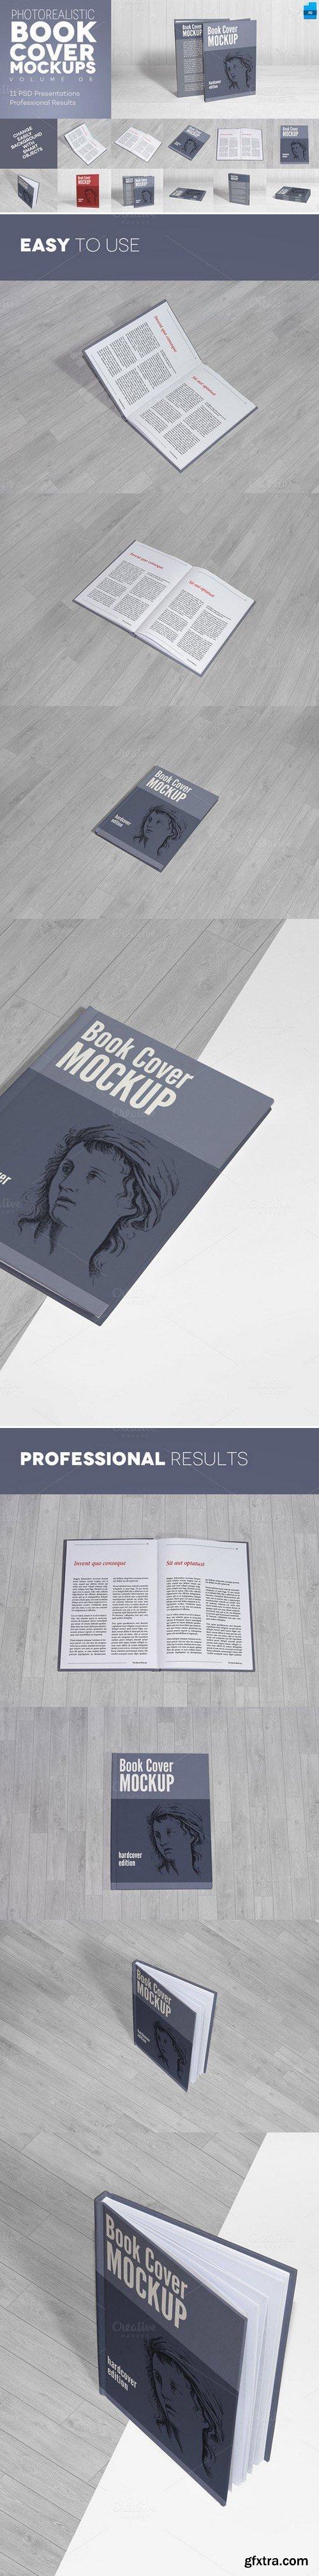 CM - Book Cover Mockups v5 - Hardcover 418715